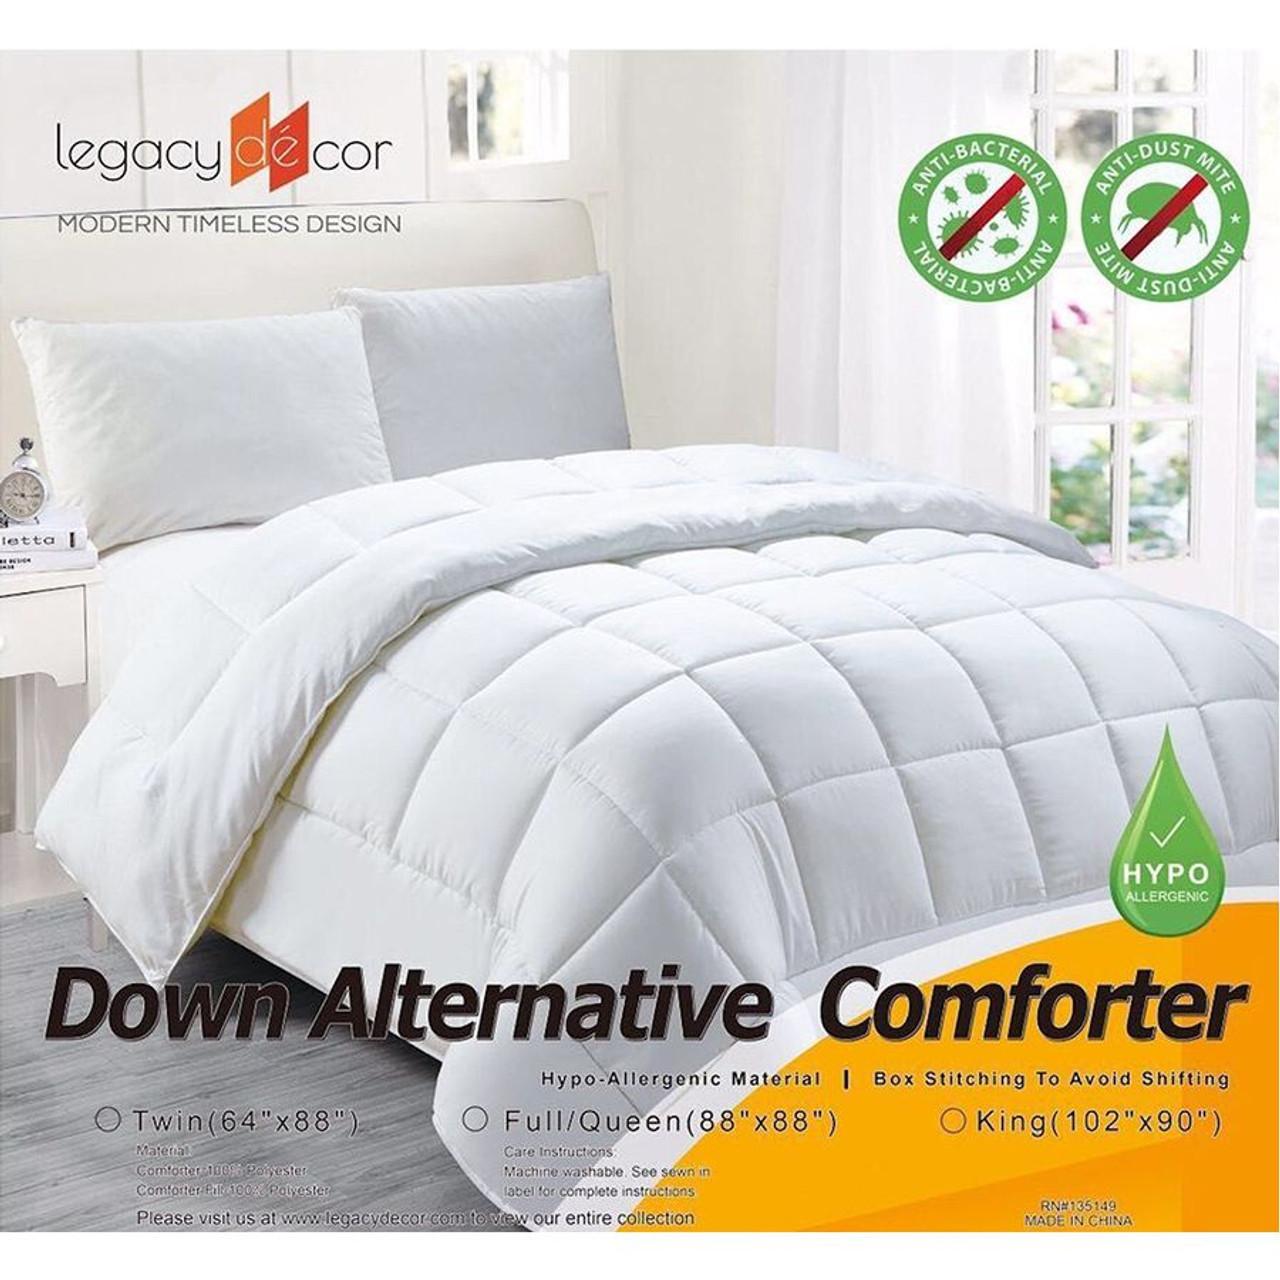 Down Alternative Hypoallergenic Comforter, White Color